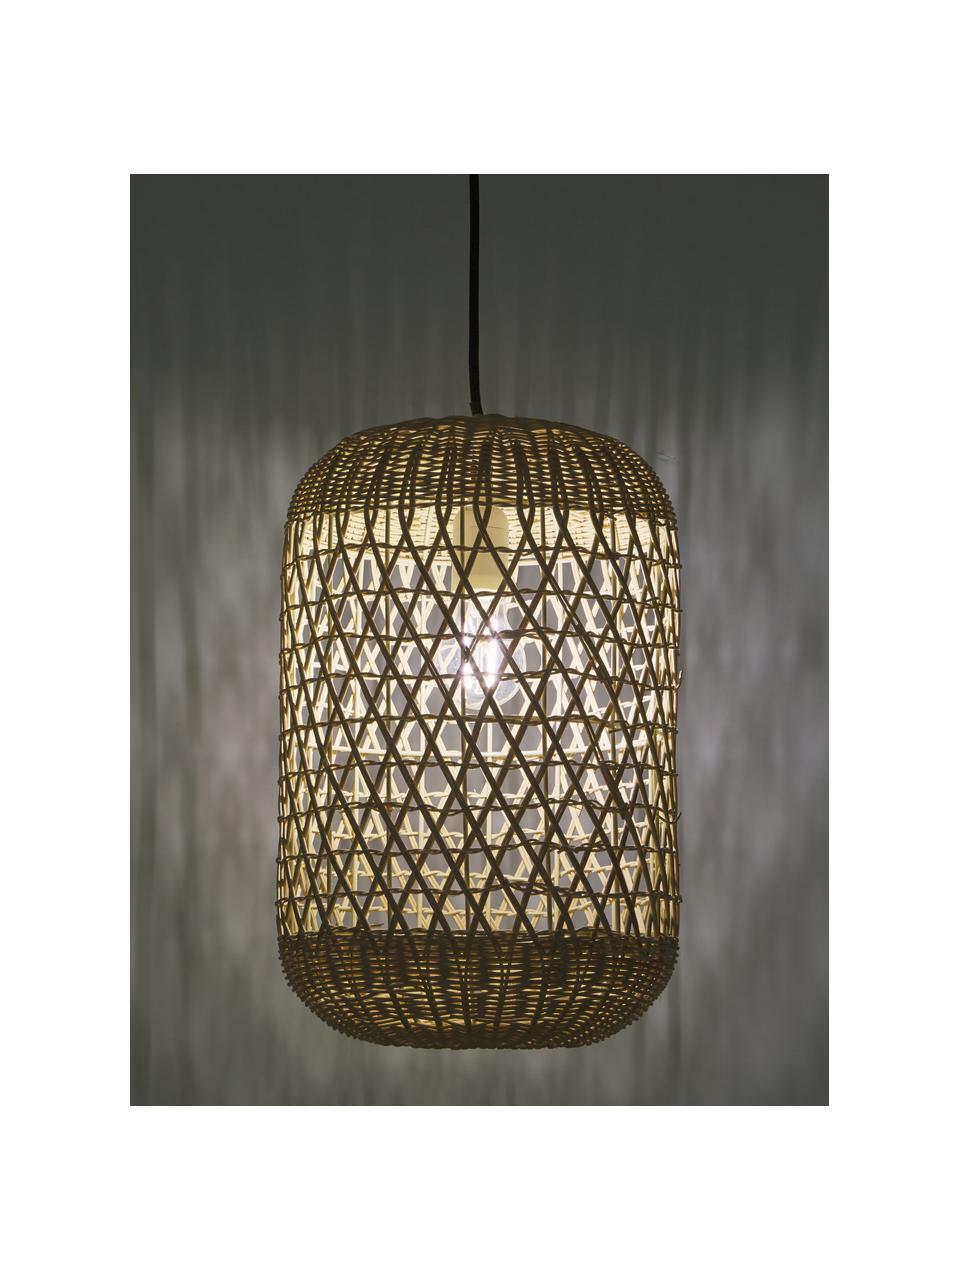 Kleine Pendelleuchte Aurora aus Bambus, Lampenschirm: Bambus, Baldachin: Kunststoff, Hellbraun, Ø 25 x H 40 cm